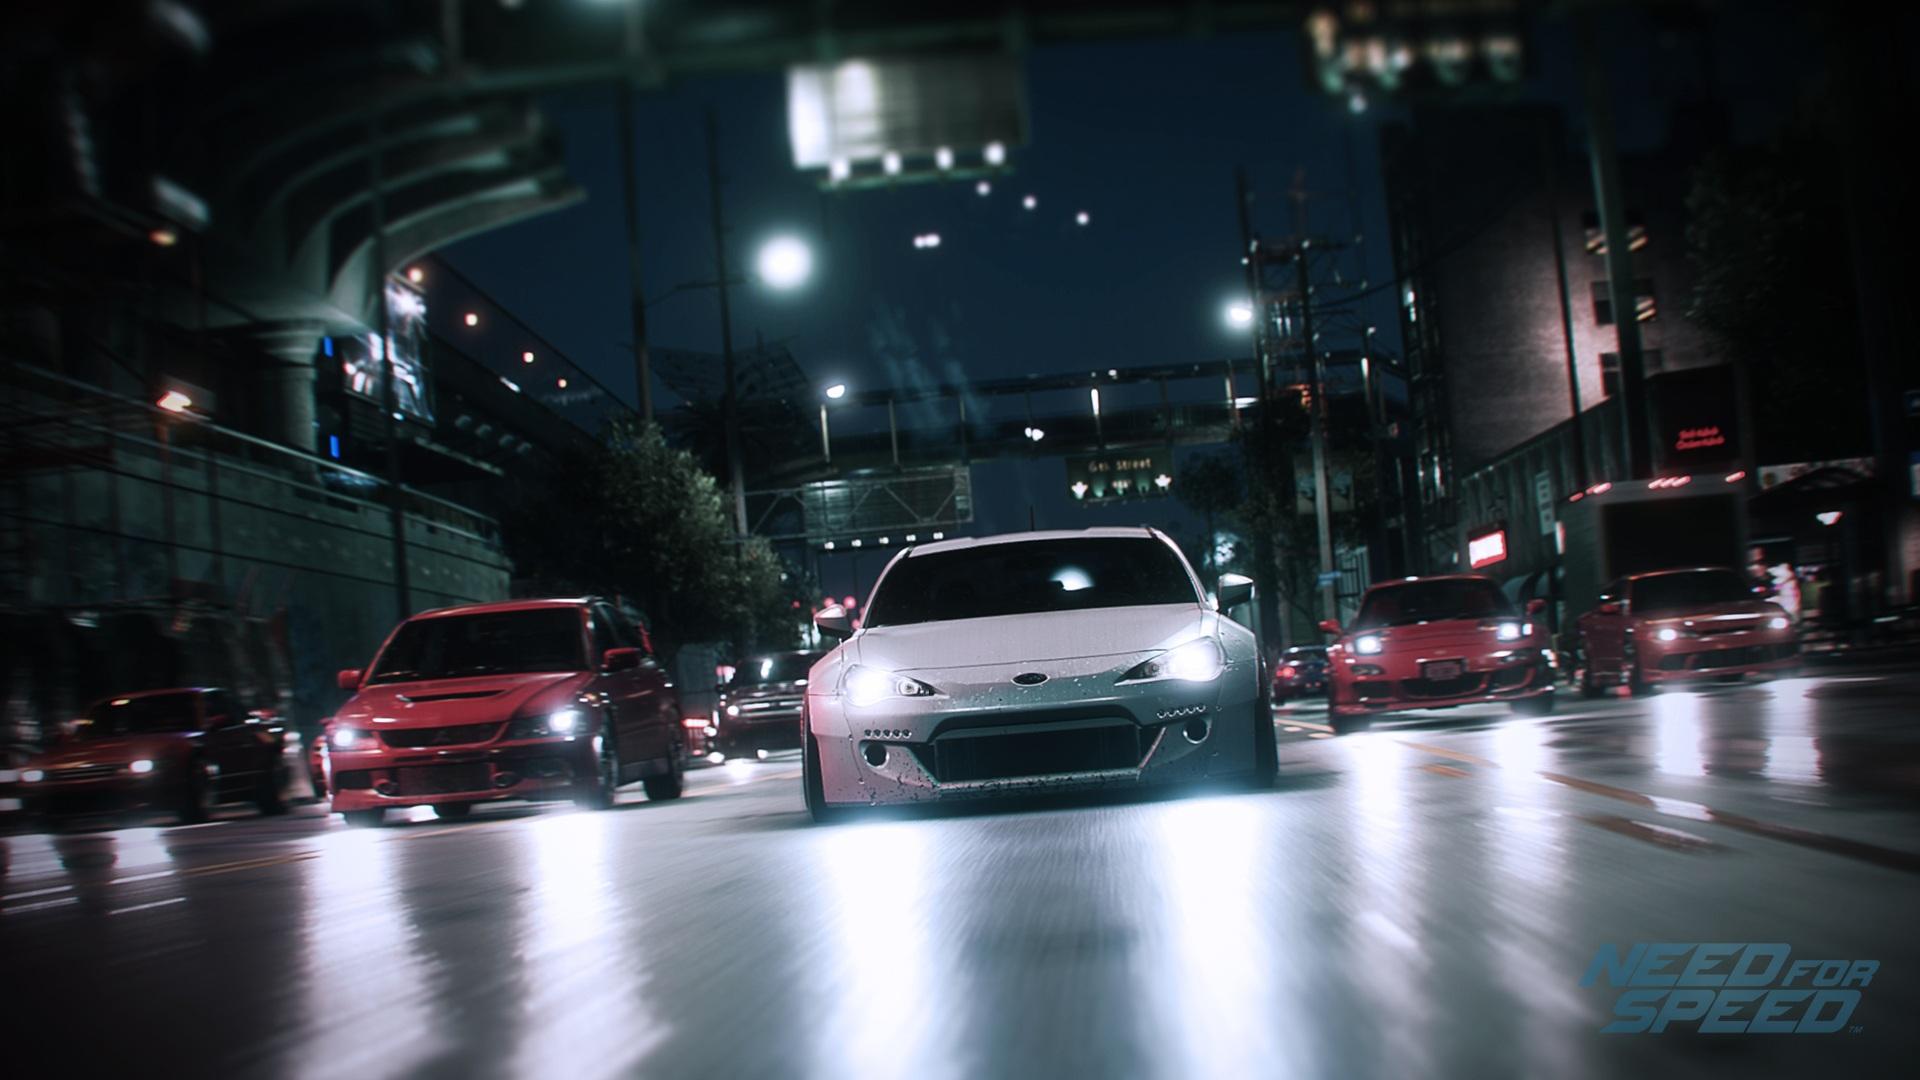 تصویری جدید از عنوان بعدی Need For Speed منتشر شد